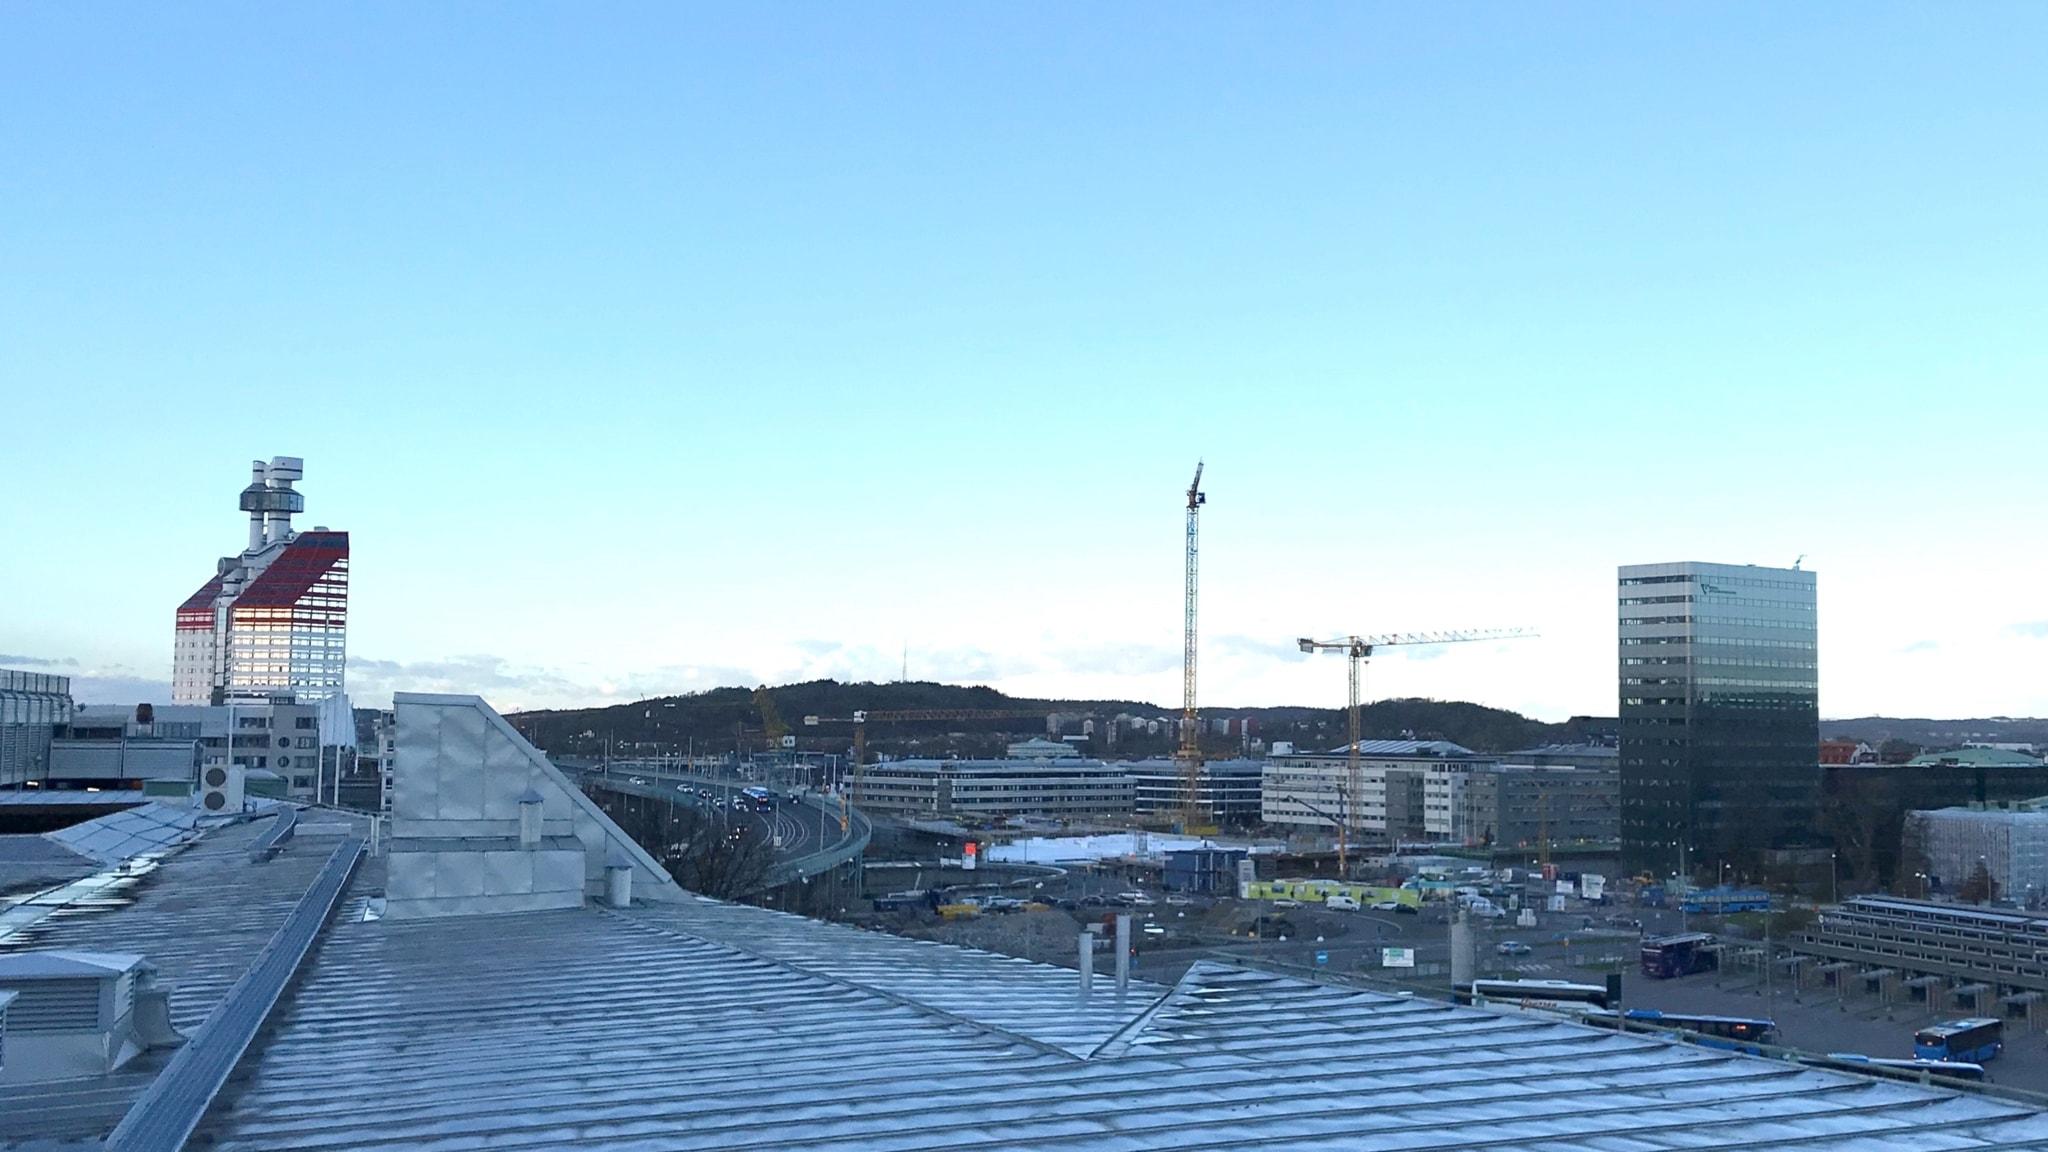 Göteborginsuomalaisten kodeista ja asumisurakehityksestä tulossa kirja